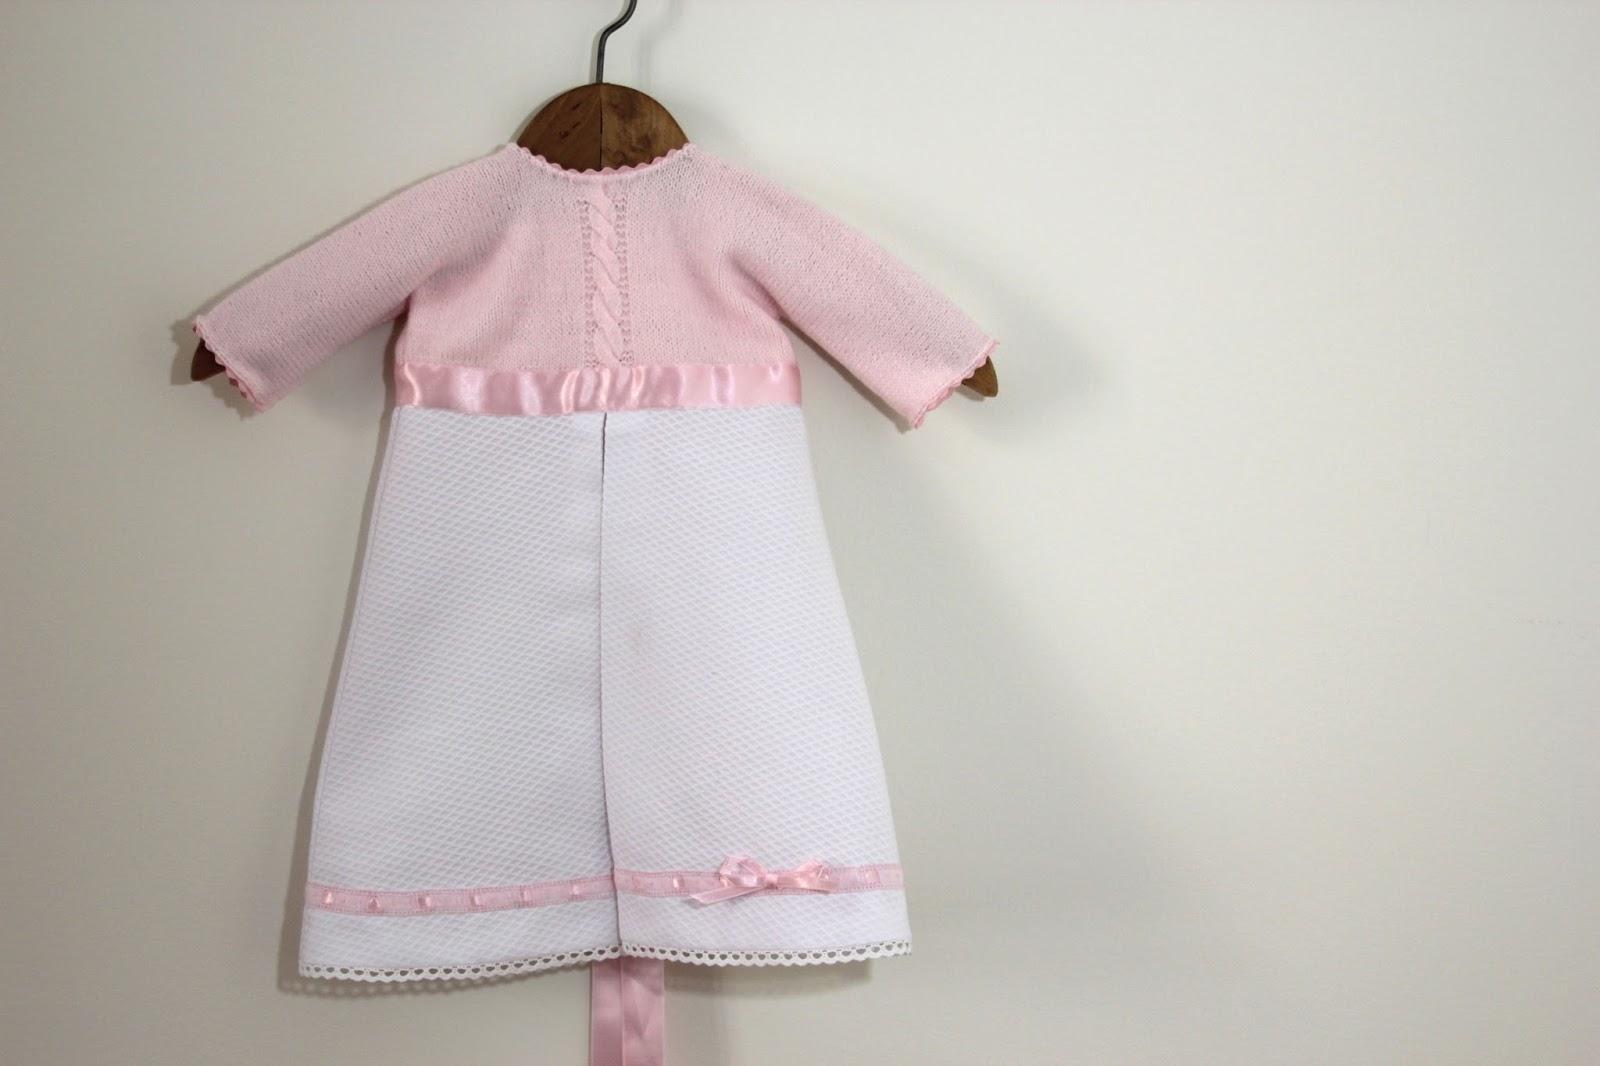 Faldón de bebé DIY (patrones gratis) - Handbox Craft Lovers ...